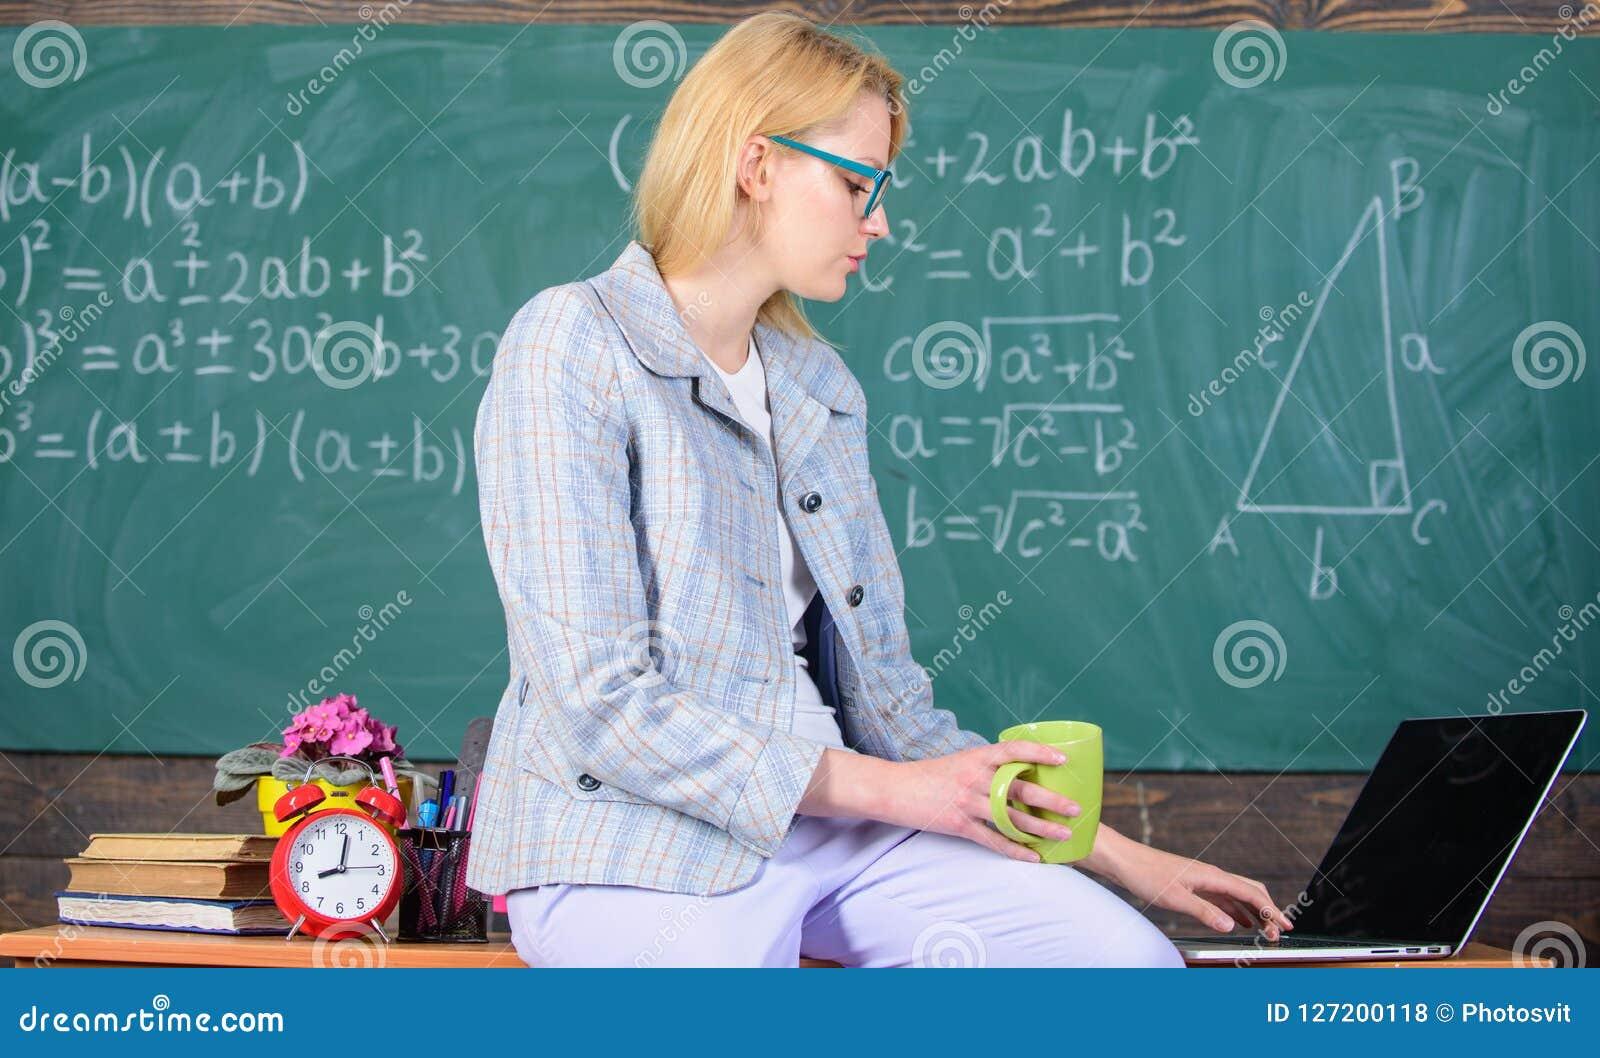 Примите мельчайший пролом Учитель женщины спокойный держит питье кружки сидит предпосылка доски класса таблицы Условия труда